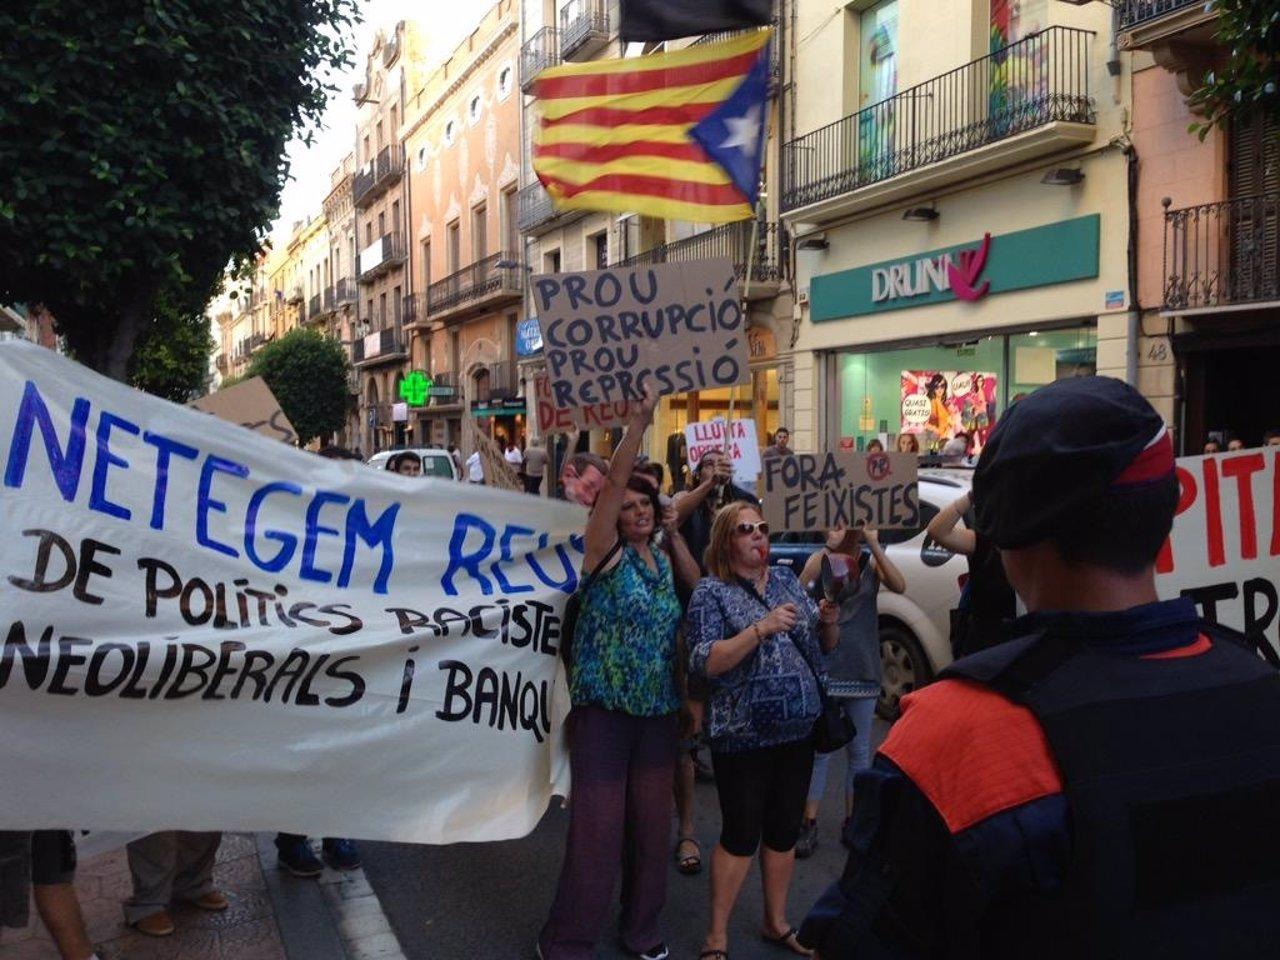 Manifestantes en Reus contra el pte.M.Rajoy y X.G.Albiol (PP)